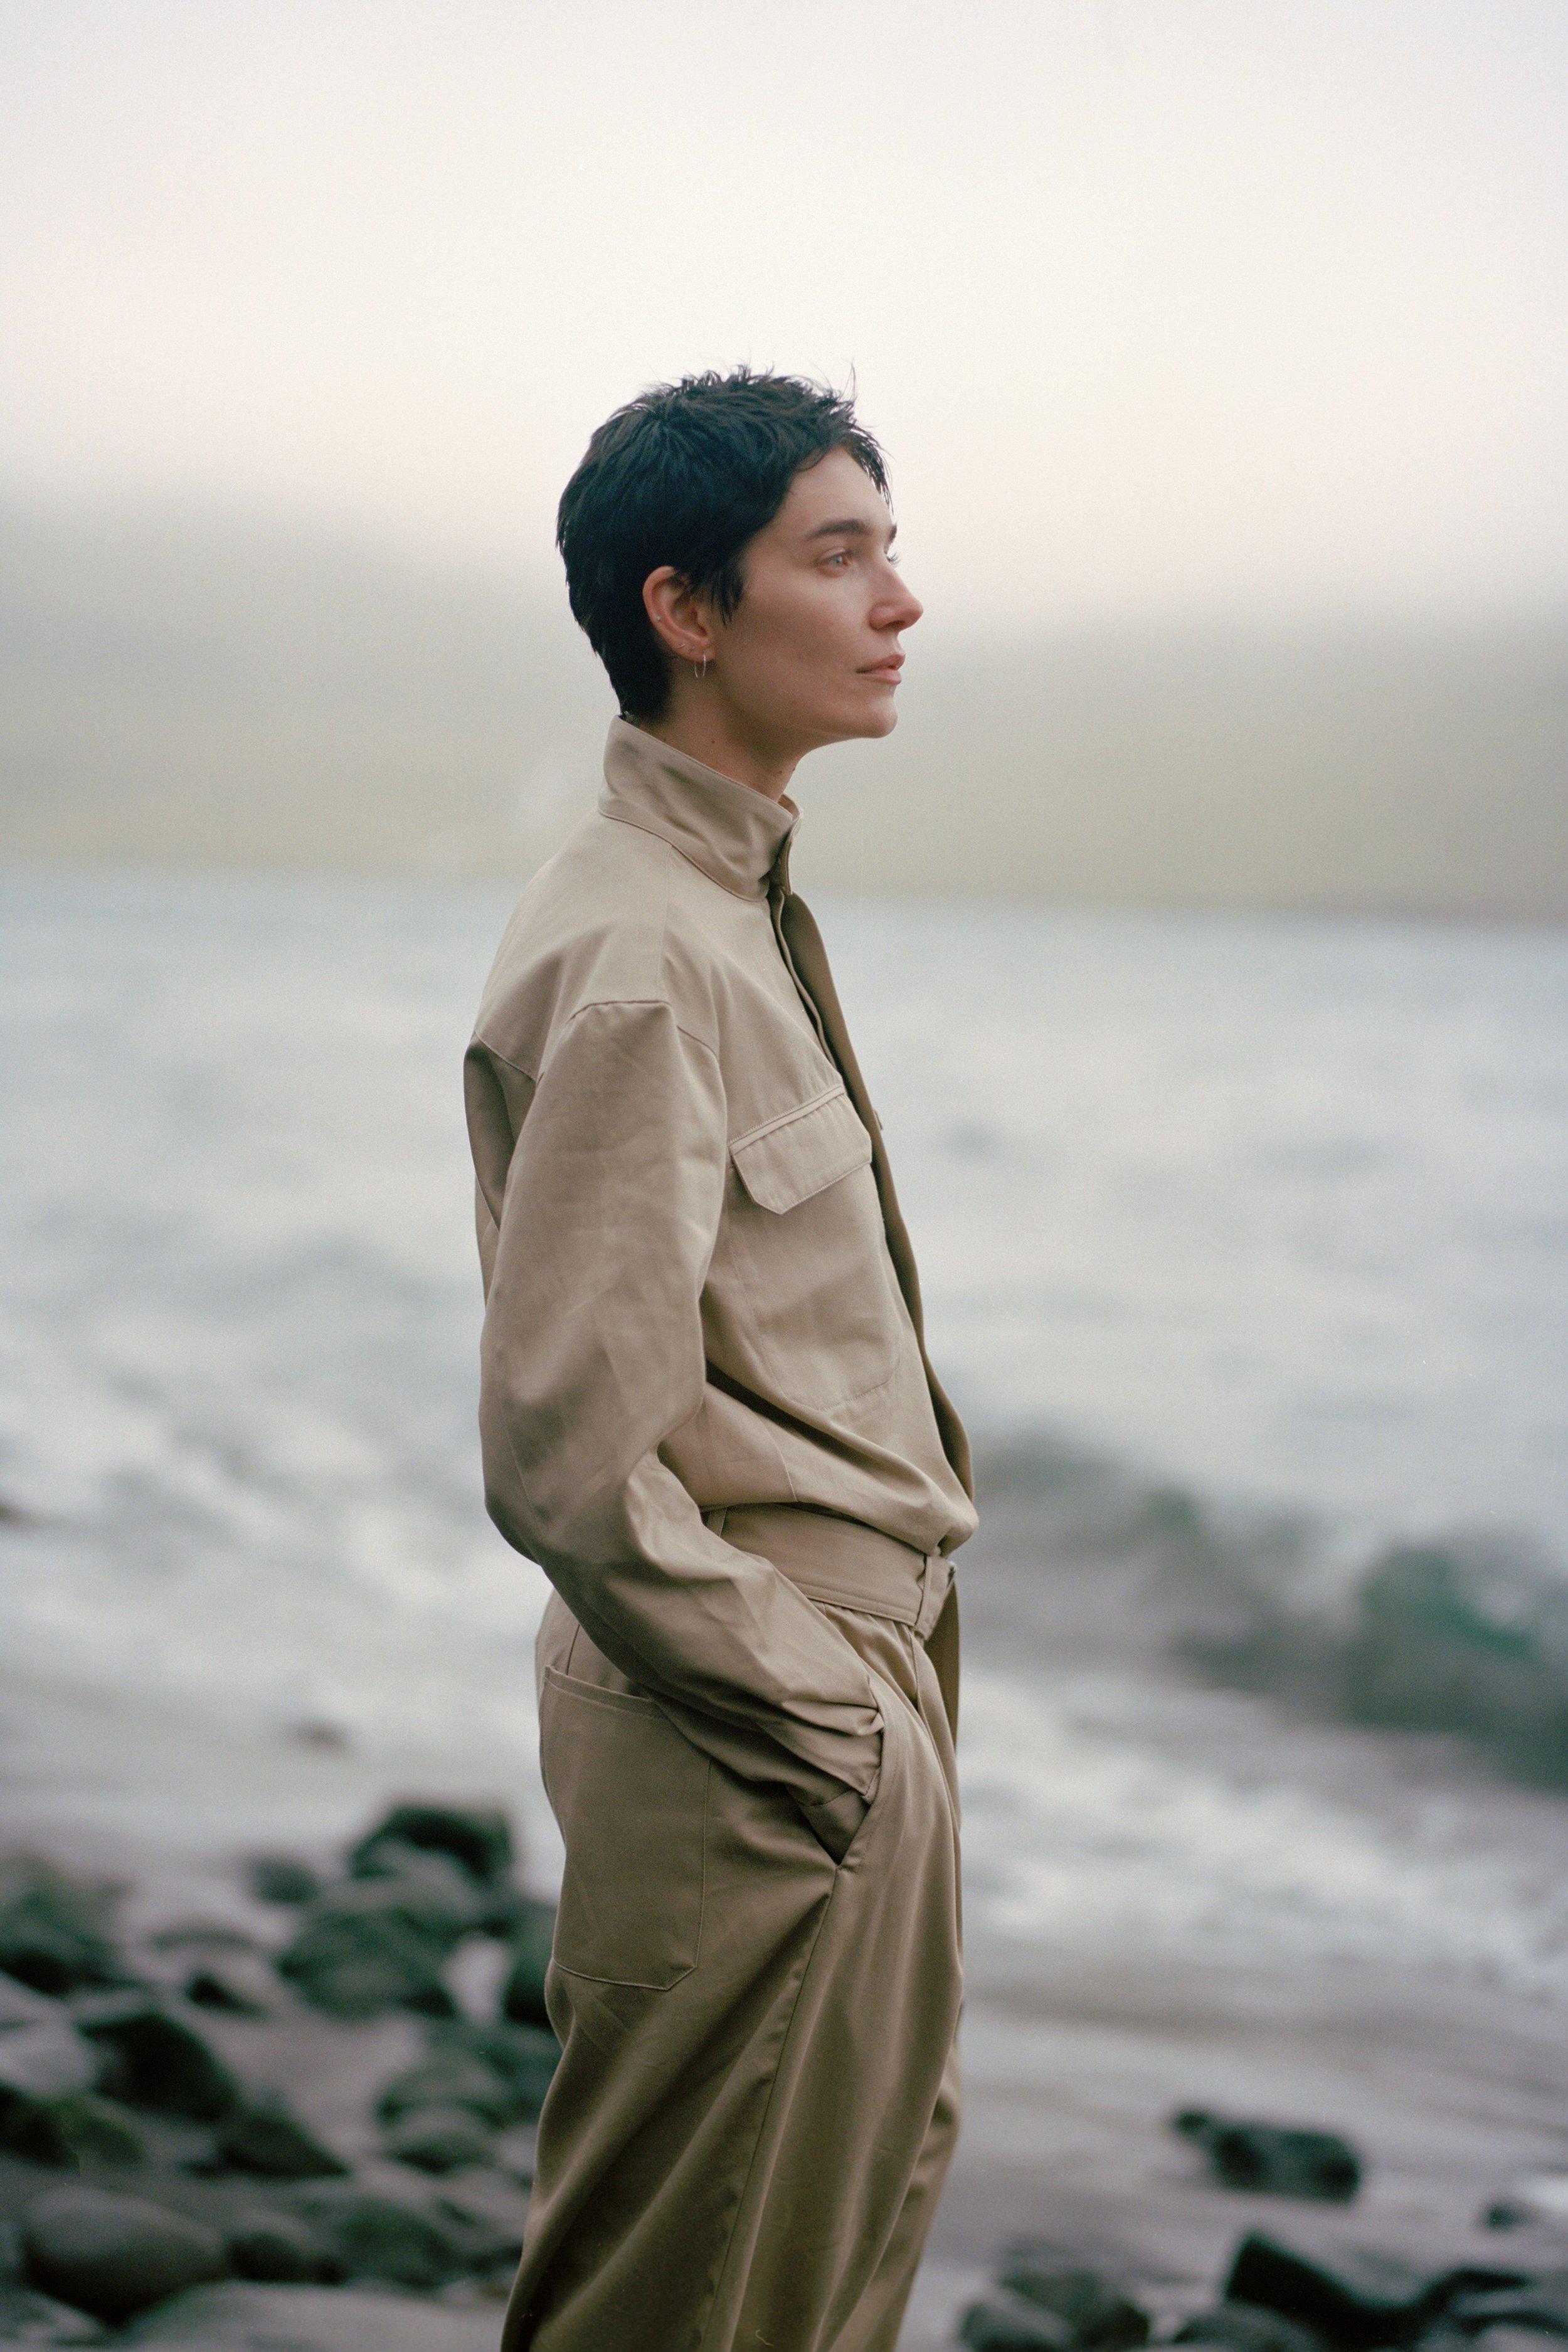 00015-Deveaux-Vogue-Menswear-SS19-june-kim.jpg